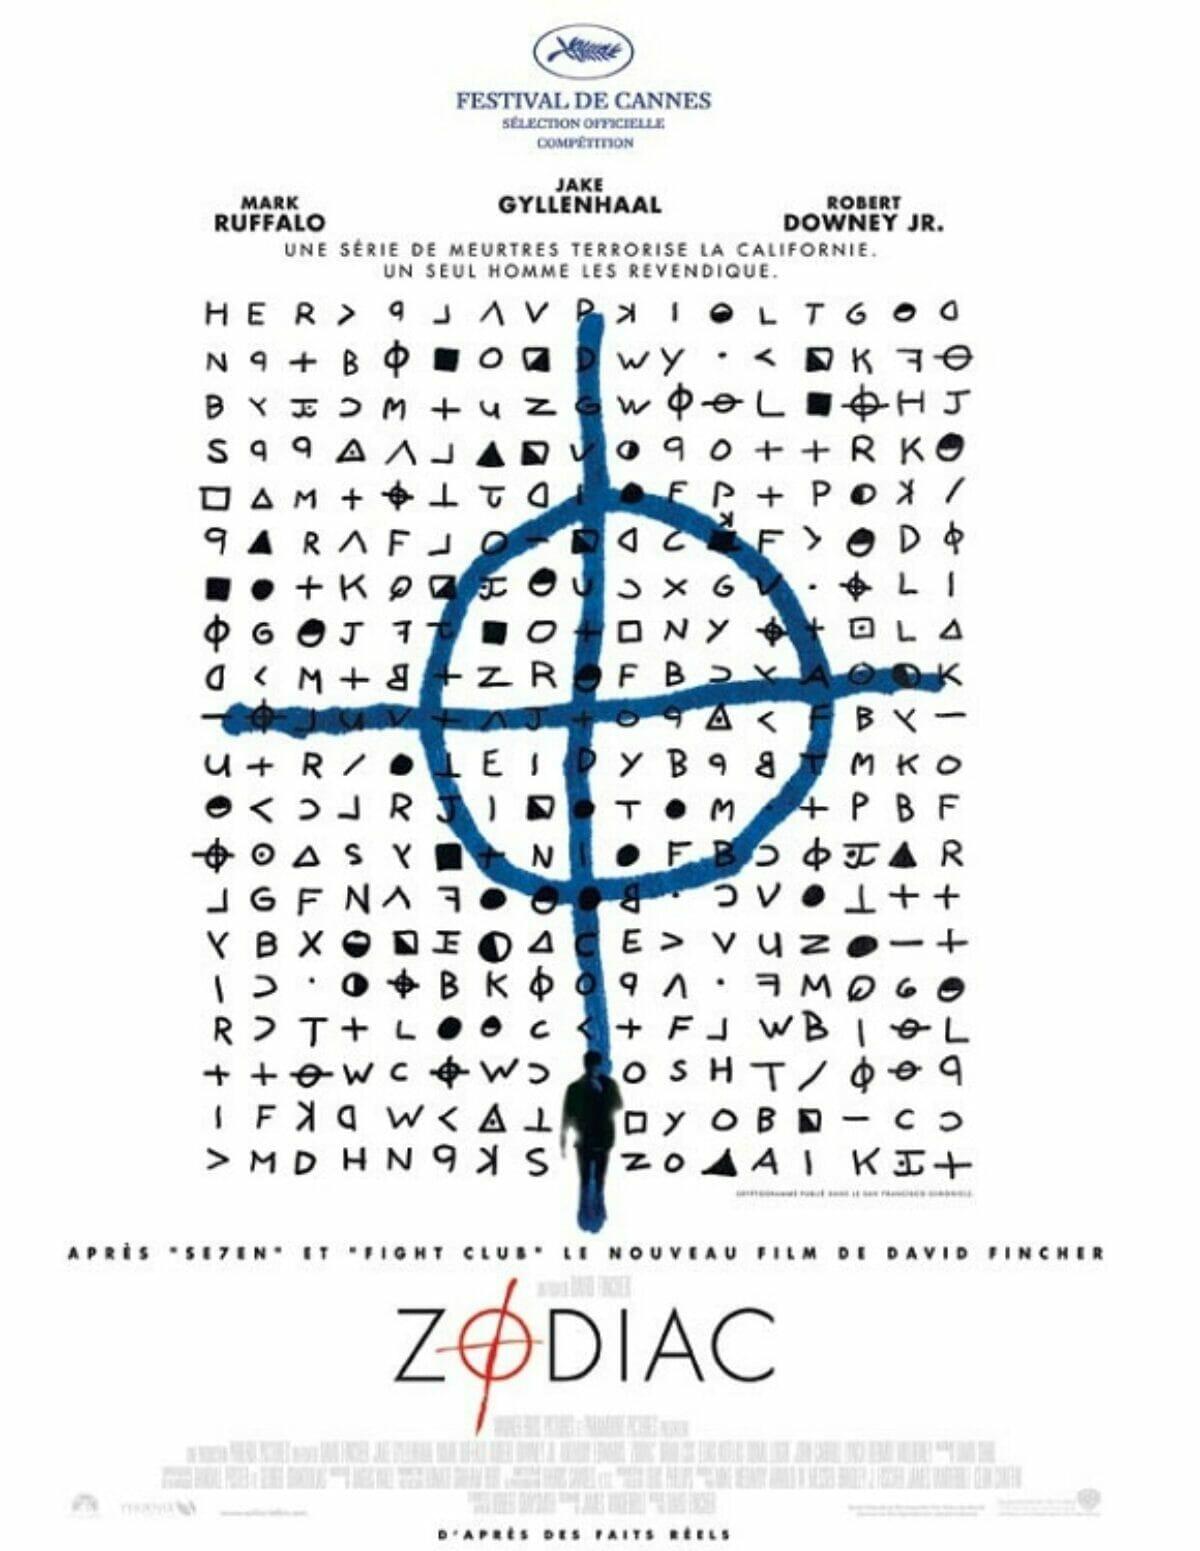 Zodiac-poster